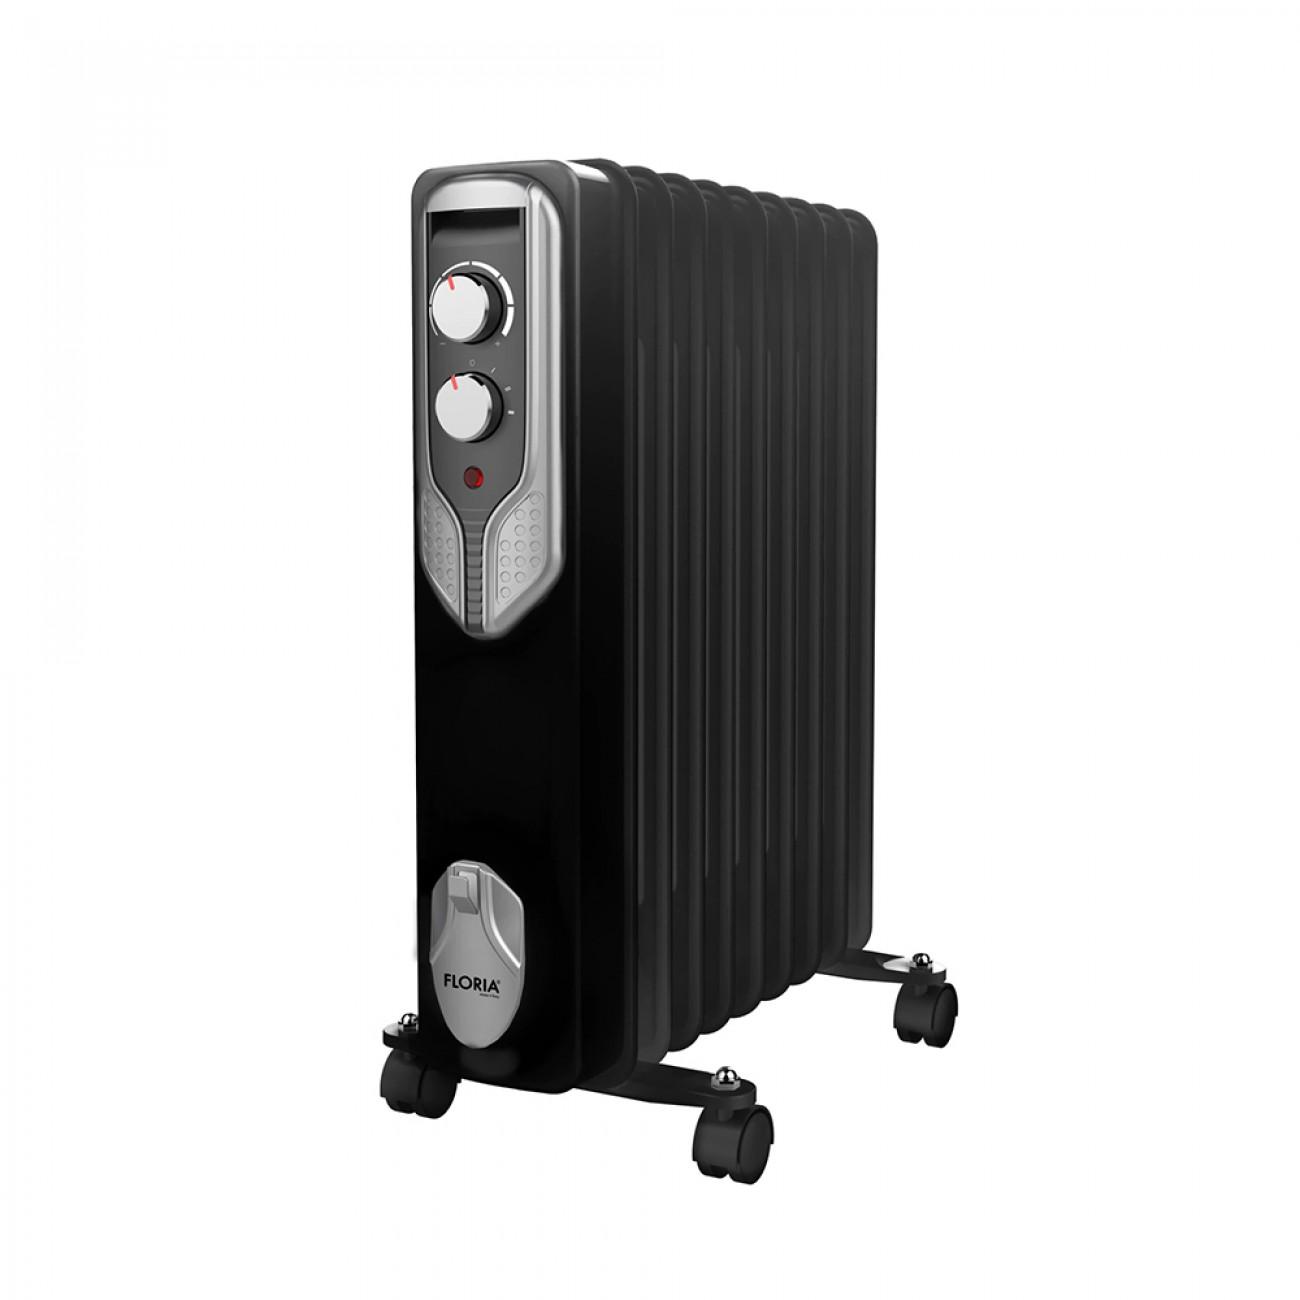 Маслен радиатор Floria ZLN-3659, 2000W, 9 ребра, Регулируем термостат, Черен в Маслени радиатори - Floria | Alleop